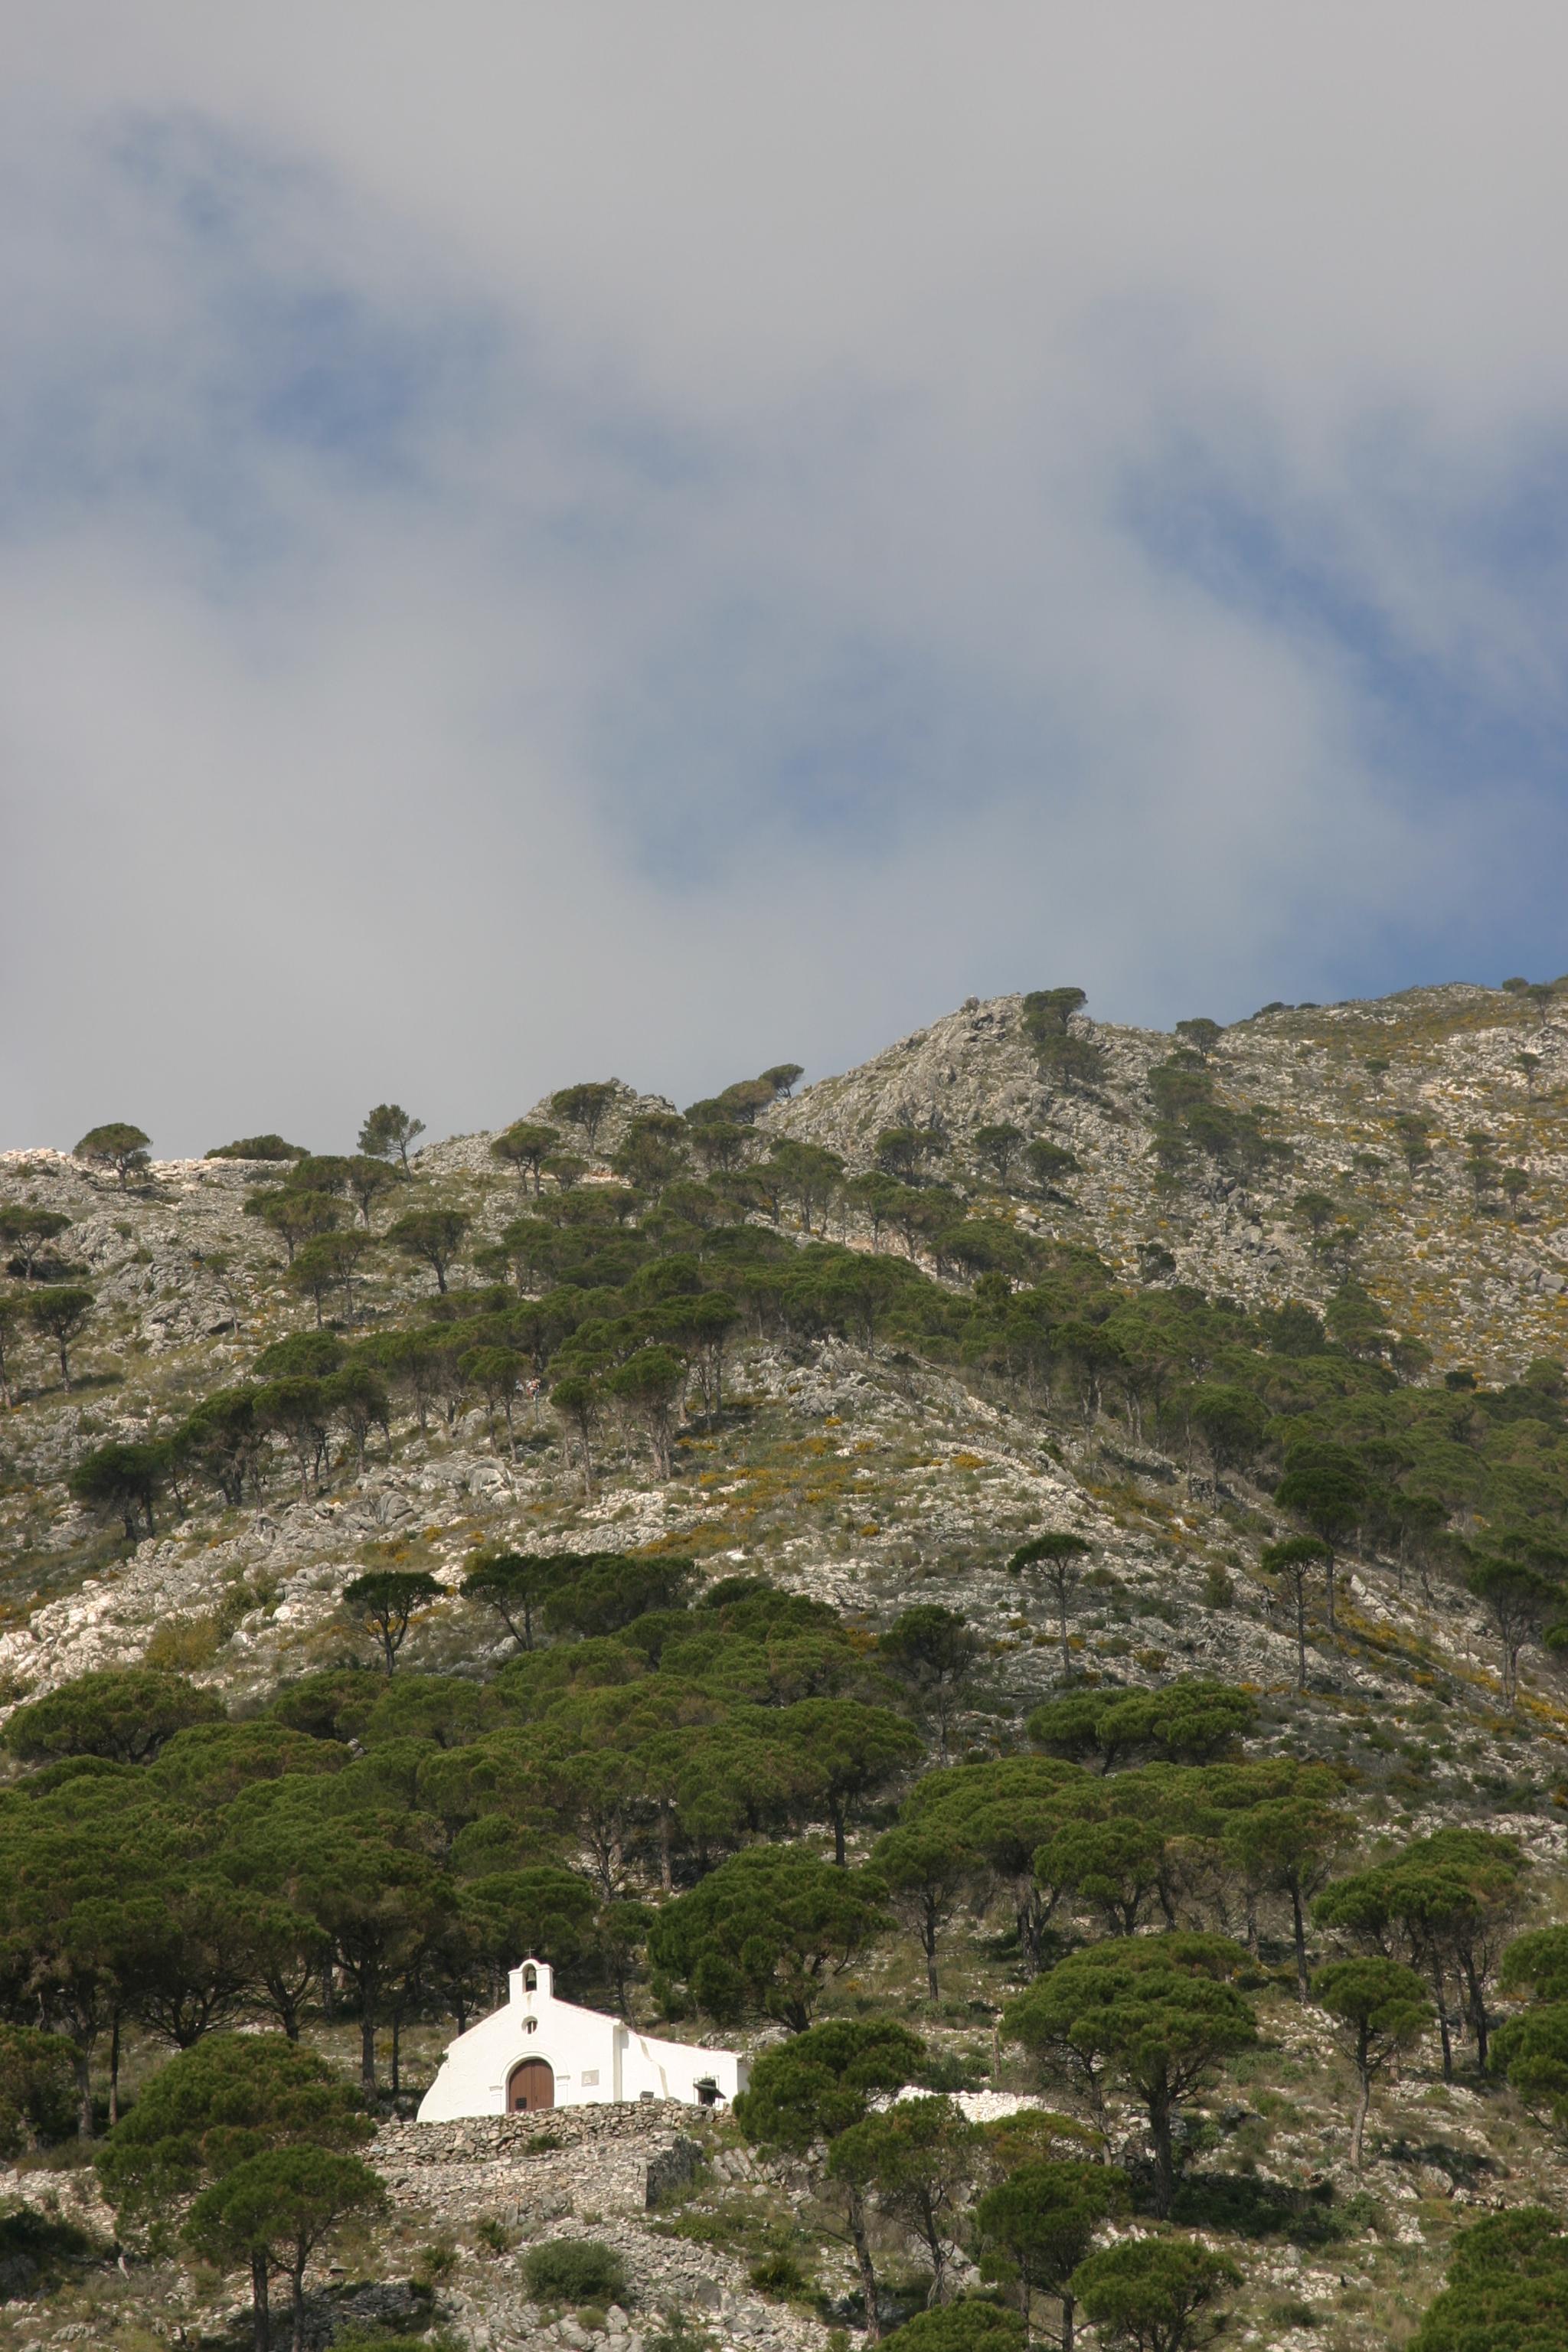 Ermita de calvario, mijas pueblo www.andrewforbes.com